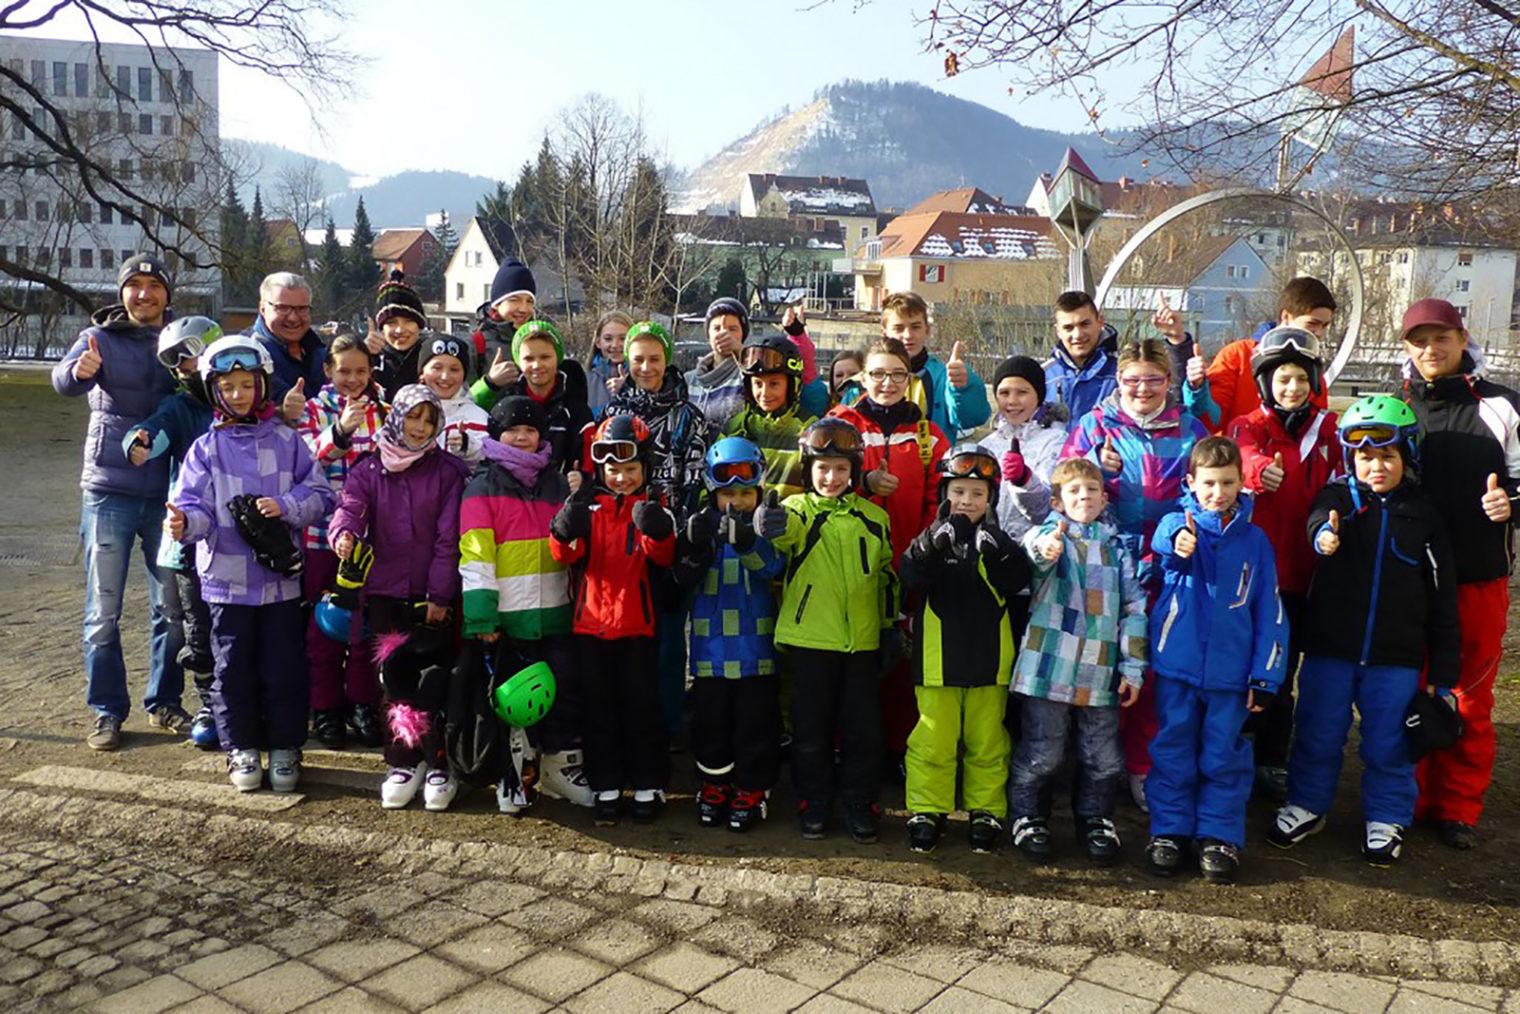 Teilnehmer beim Wintersport & Spaß 2014